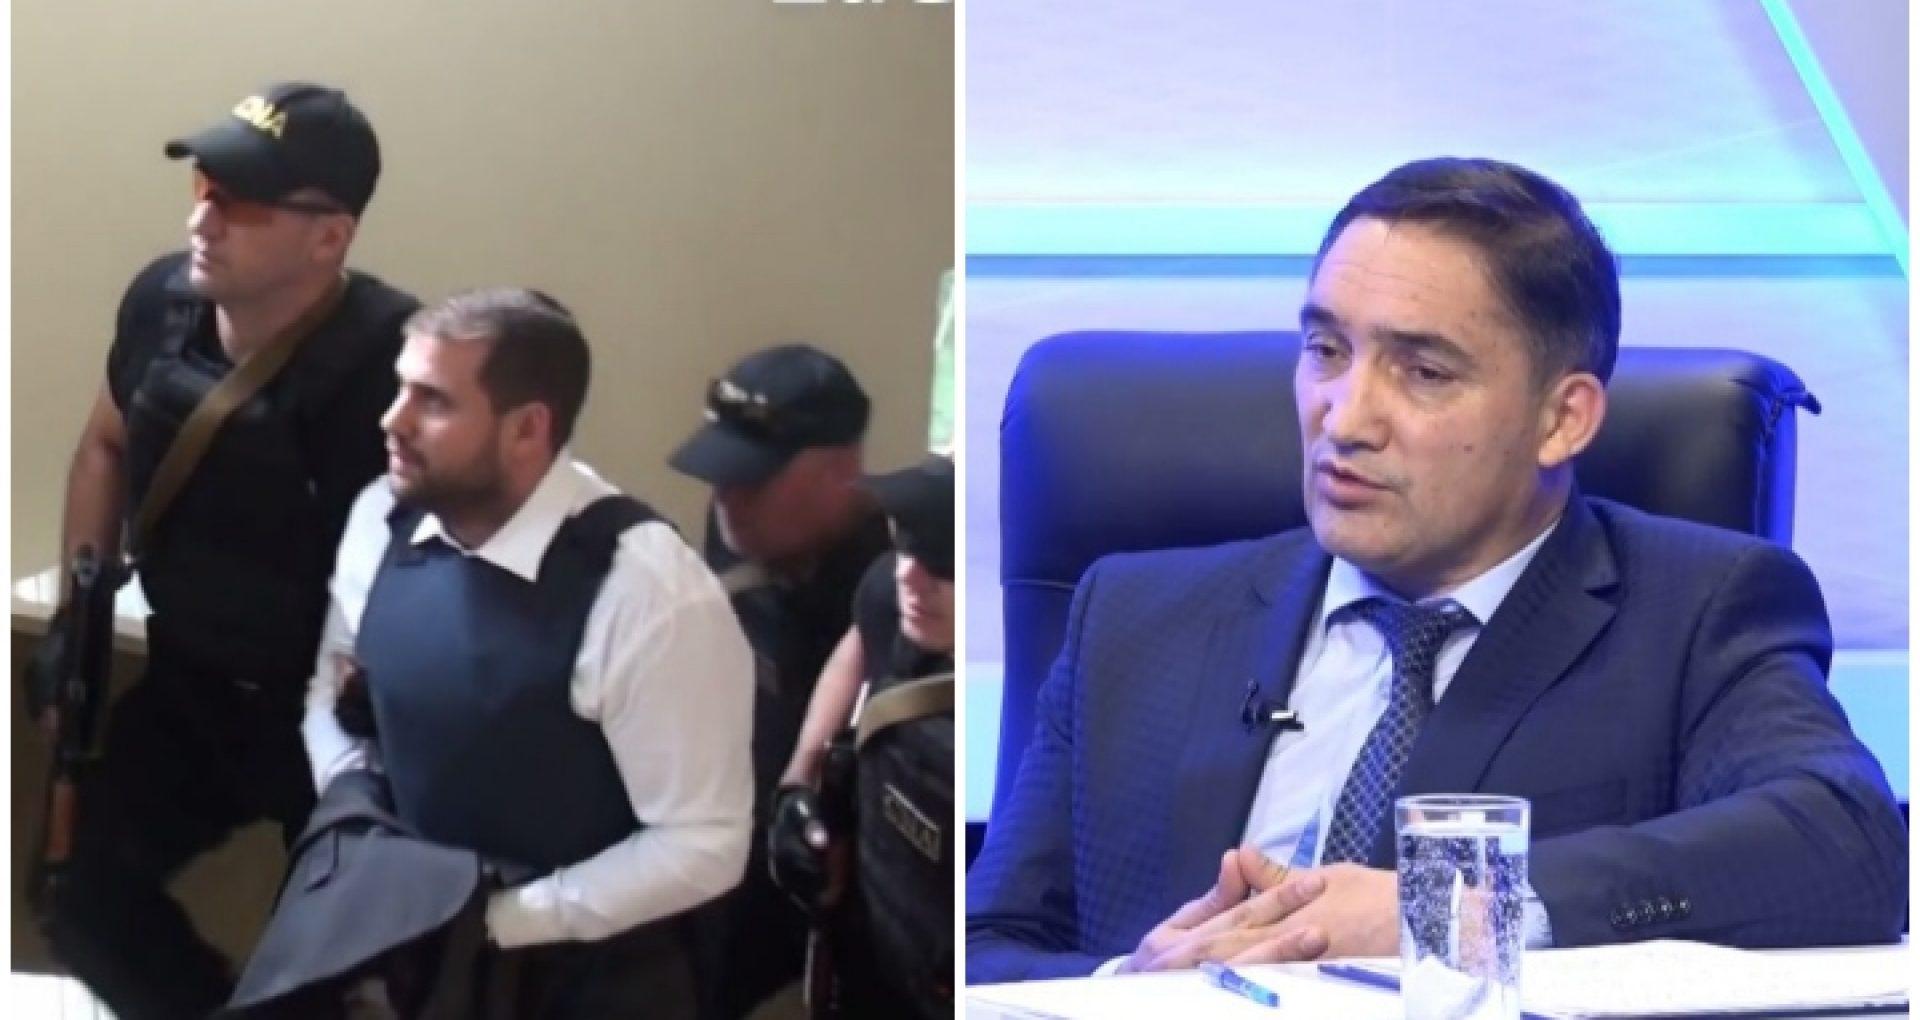 """După constituirea noului Parlament, PG va solicita, repetat, ridicarea imunității lui Ilan Șor. Stoianoglo: """"Dacă Șor vine în țară el va fi reținut și judecat"""""""